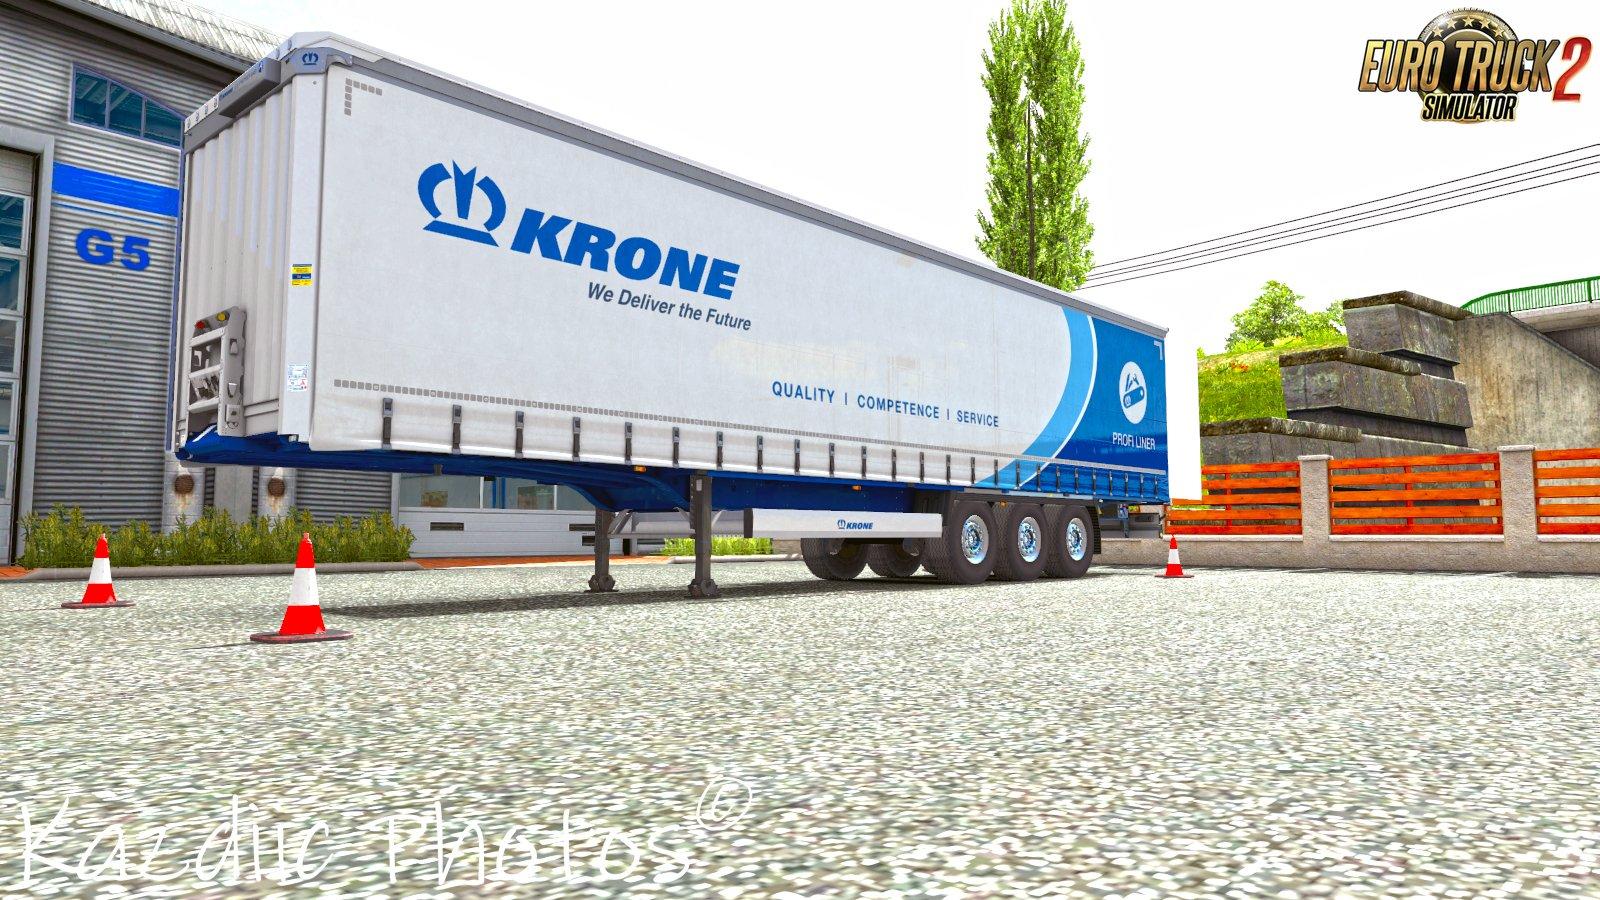 Krone Trailer Open by Kazdiic